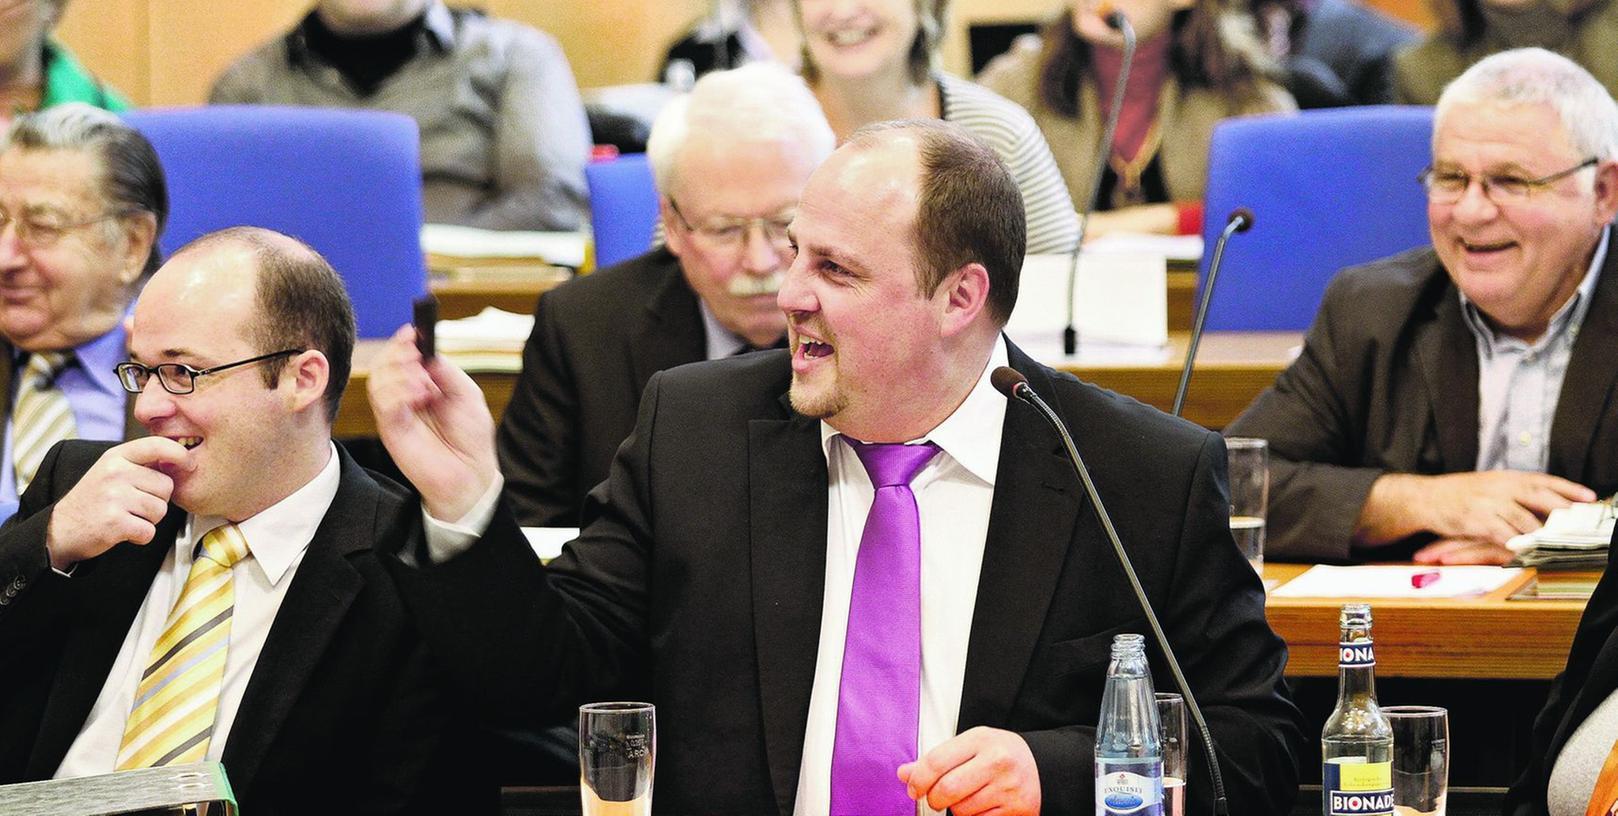 Die künftigen Kooperationen im Nürnberger Stadtparlament stehen laut SPD-Fraktionschef Christian Vogel (Mitte) noch nicht fest (Archivbild).